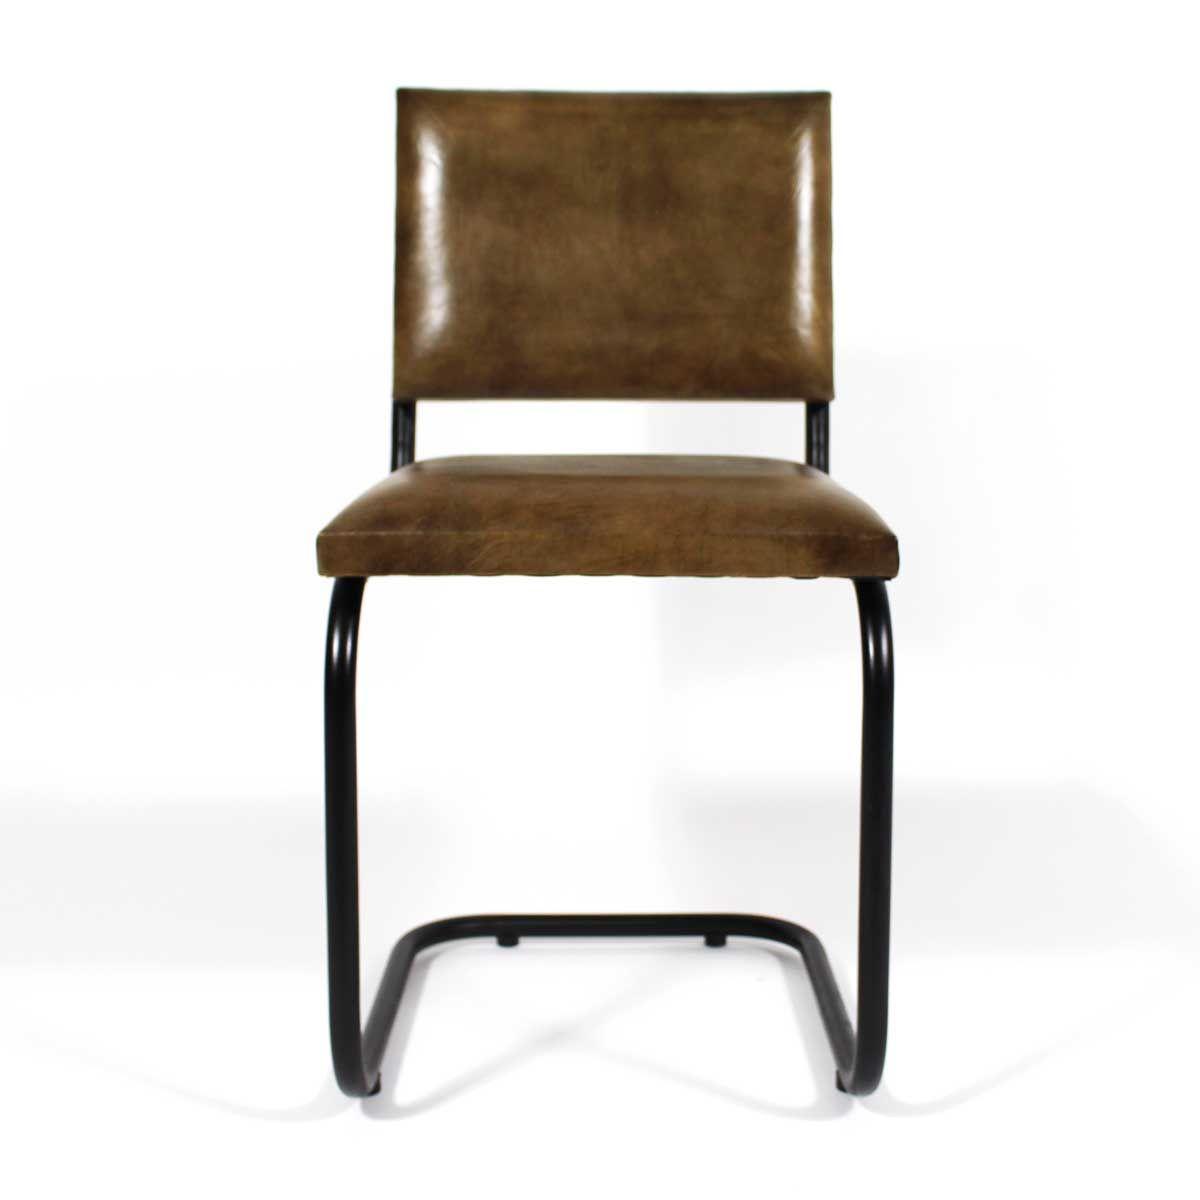 Chaise Industrielle Cuir Et Metal Pieds En S Chaise Industrielle Mobilier De Salon Chaise Salle A Manger